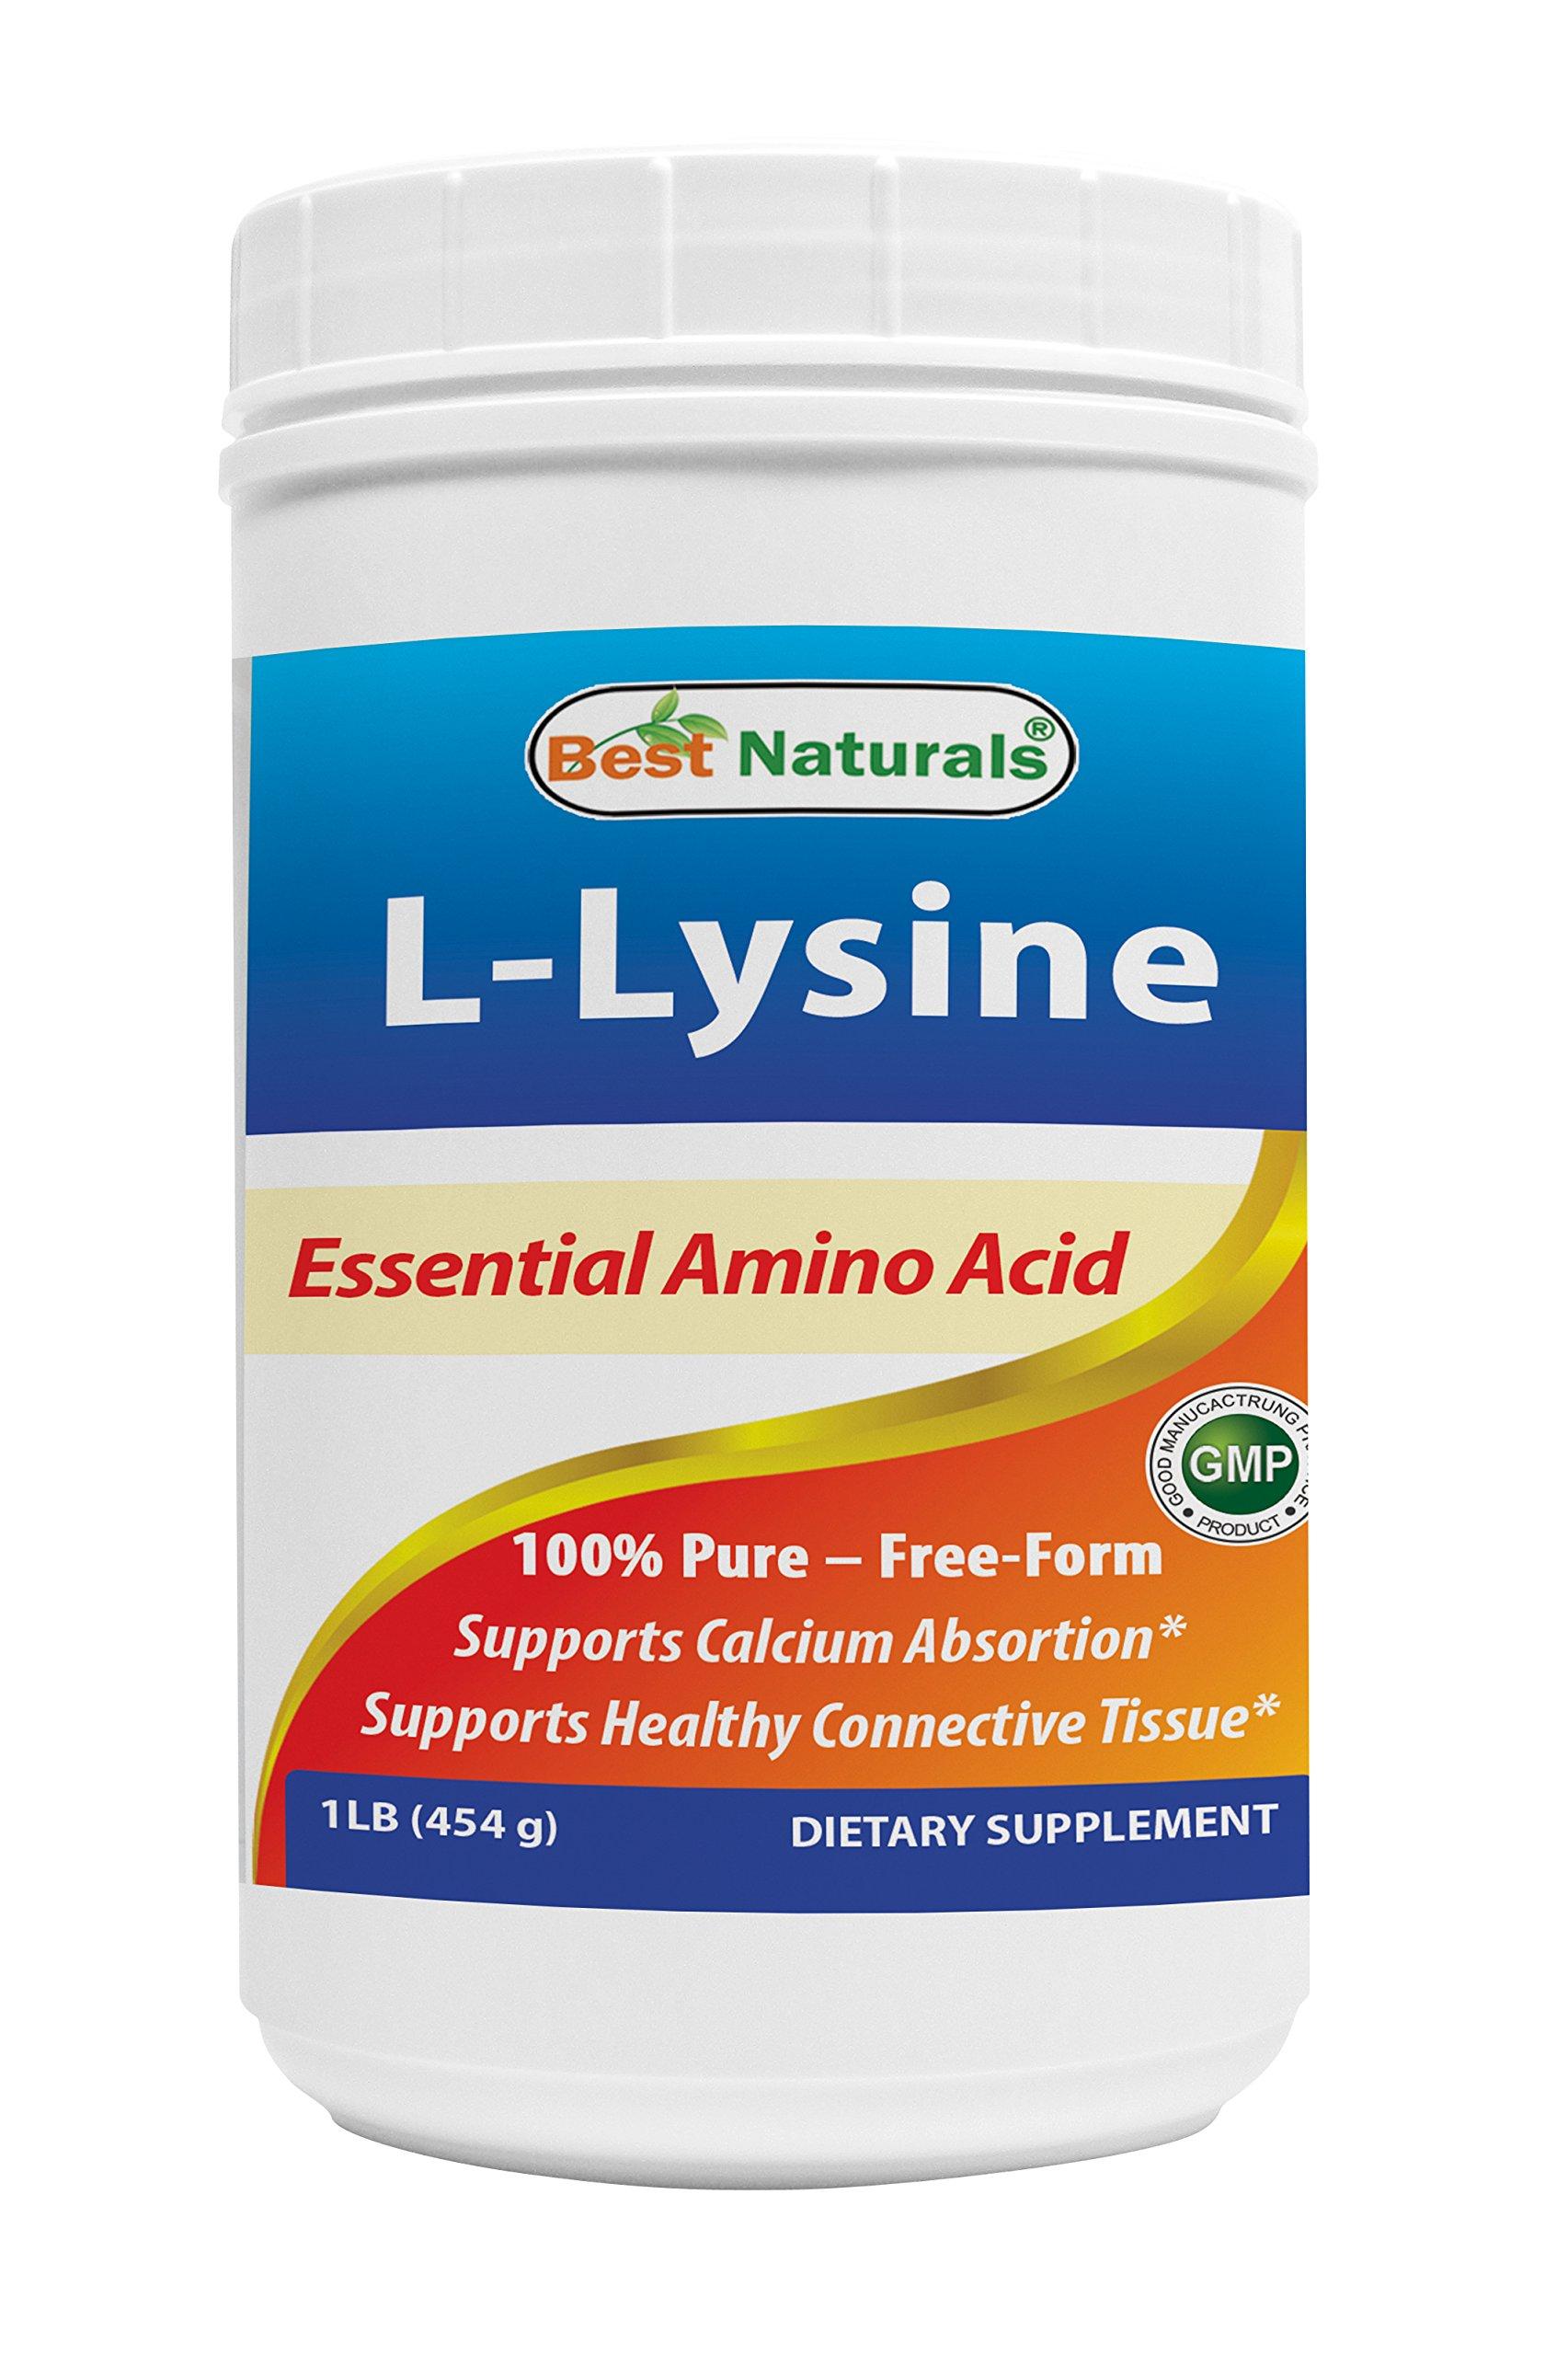 Best Naturals Lysine Powder, 1 Pound - 100% Pure by Best Naturals